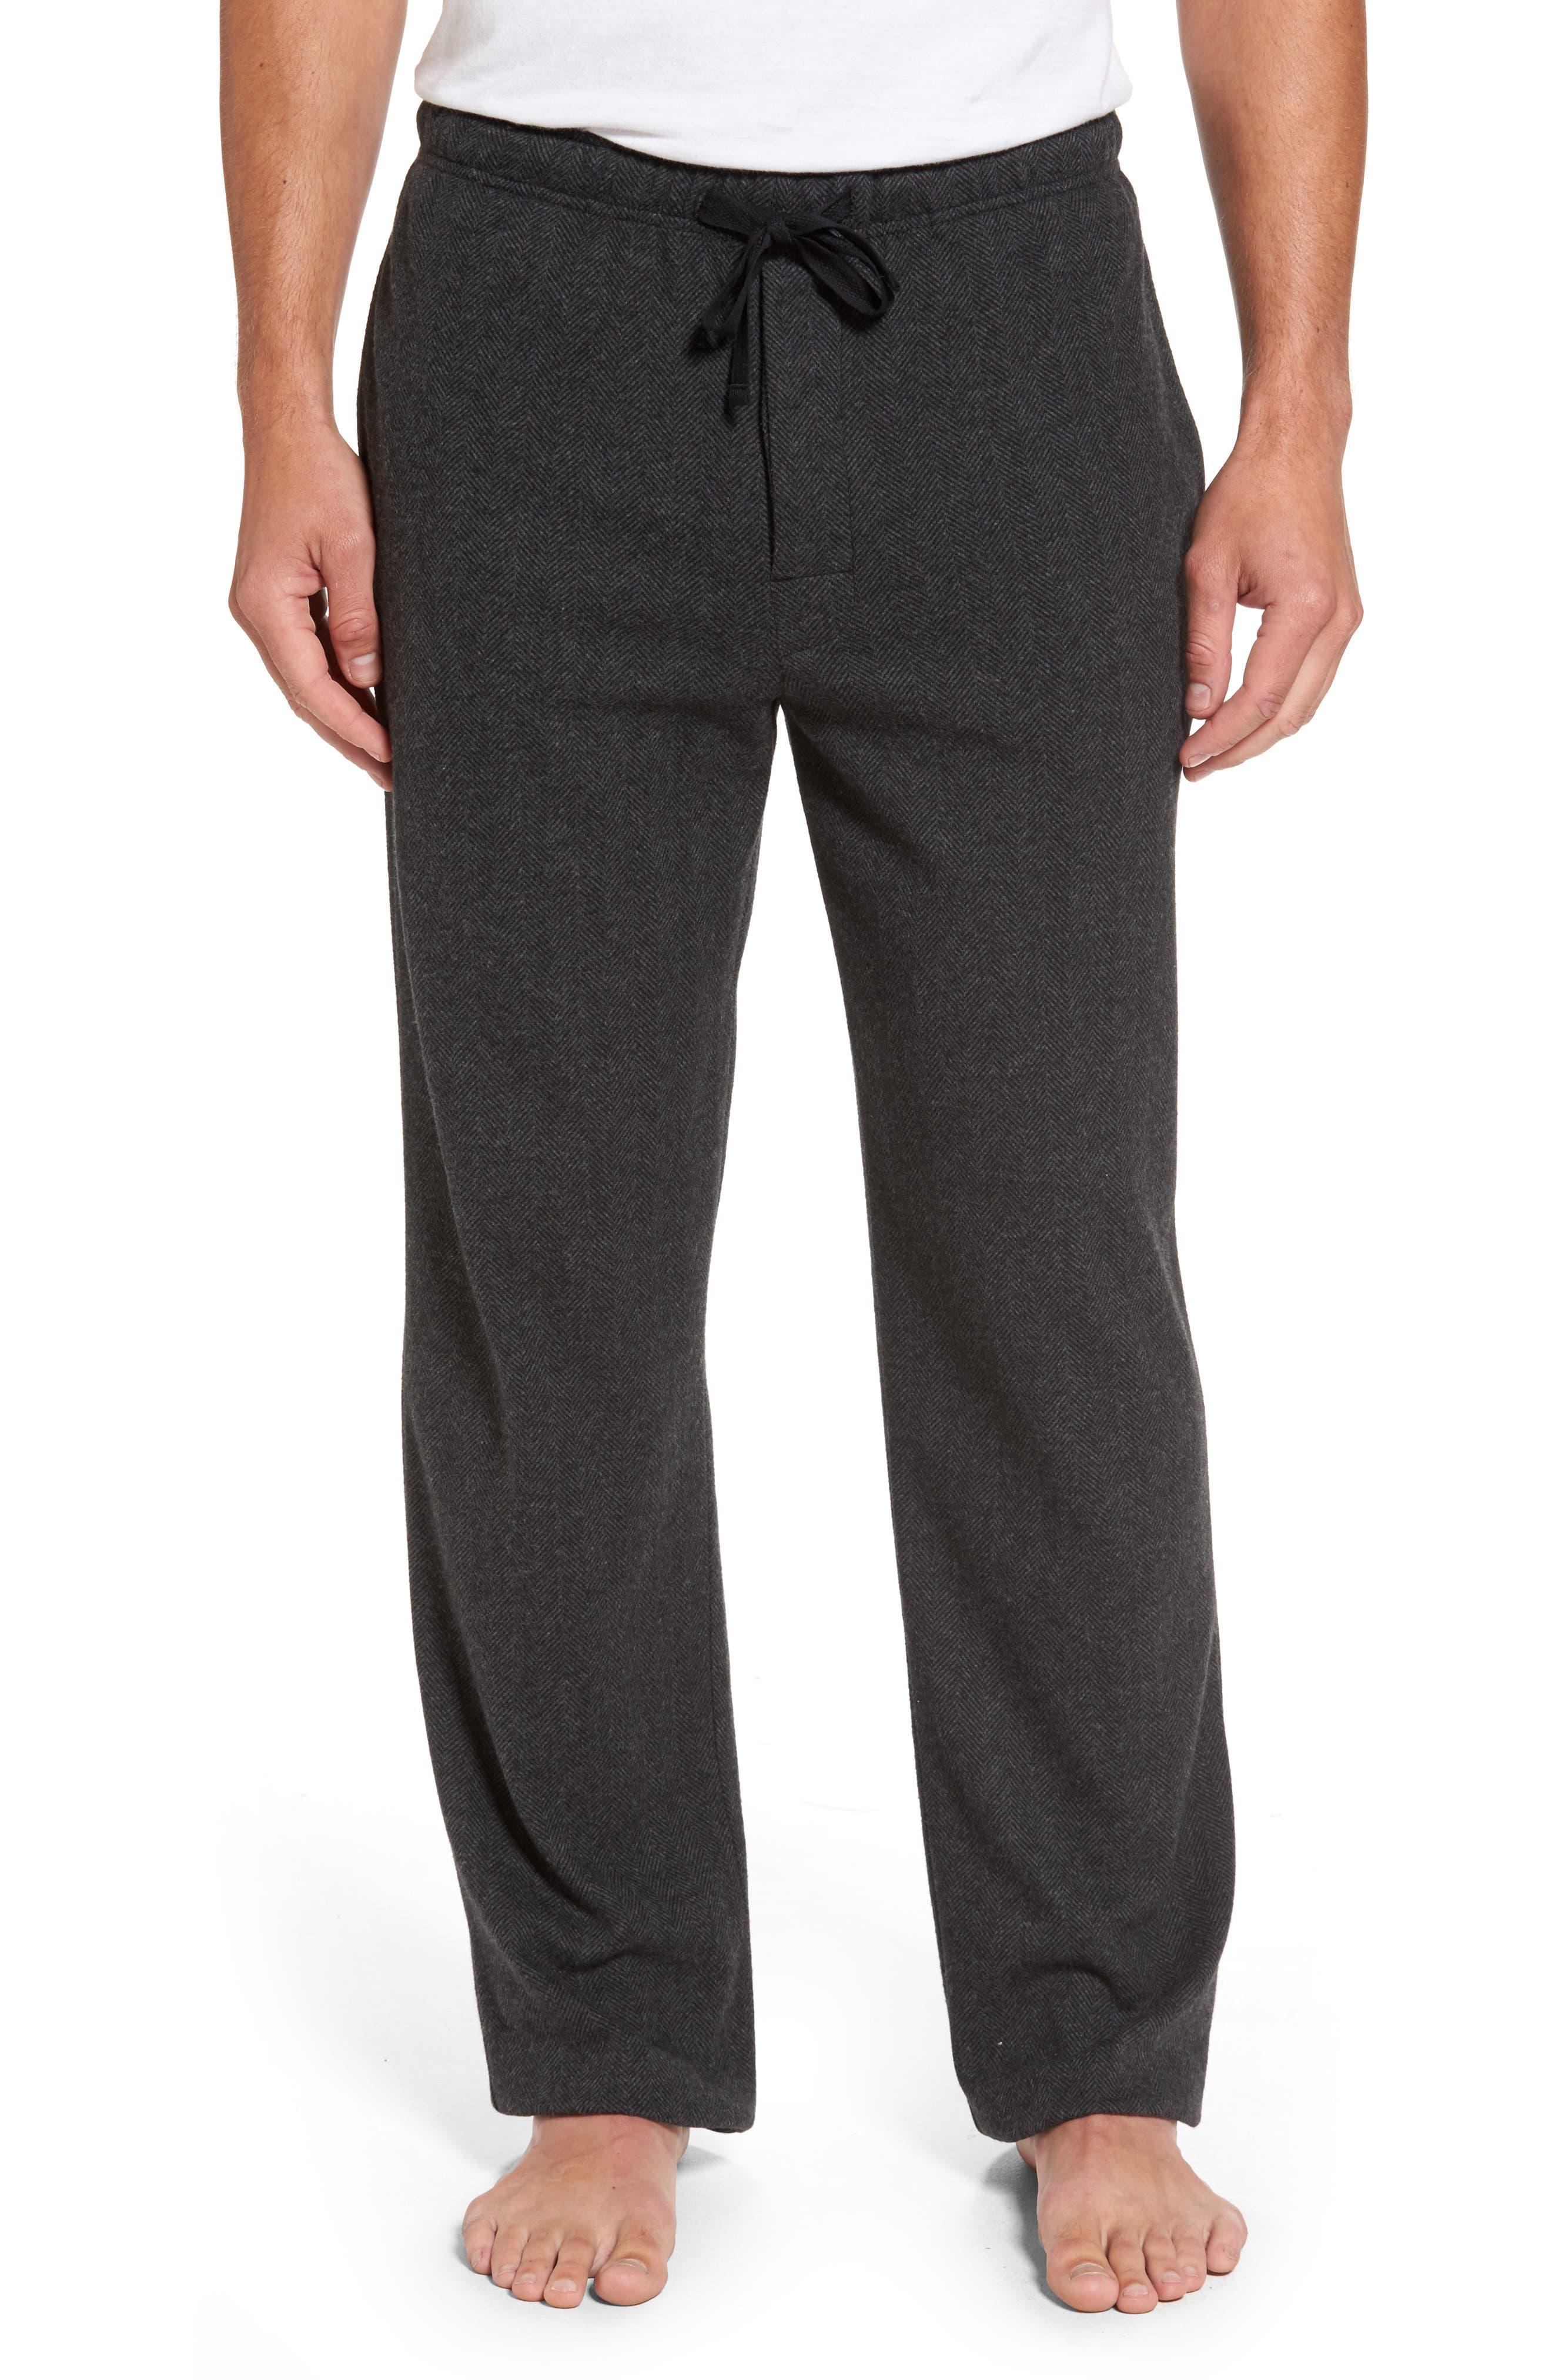 Grayson Lounge Pants,                         Main,                         color, 030